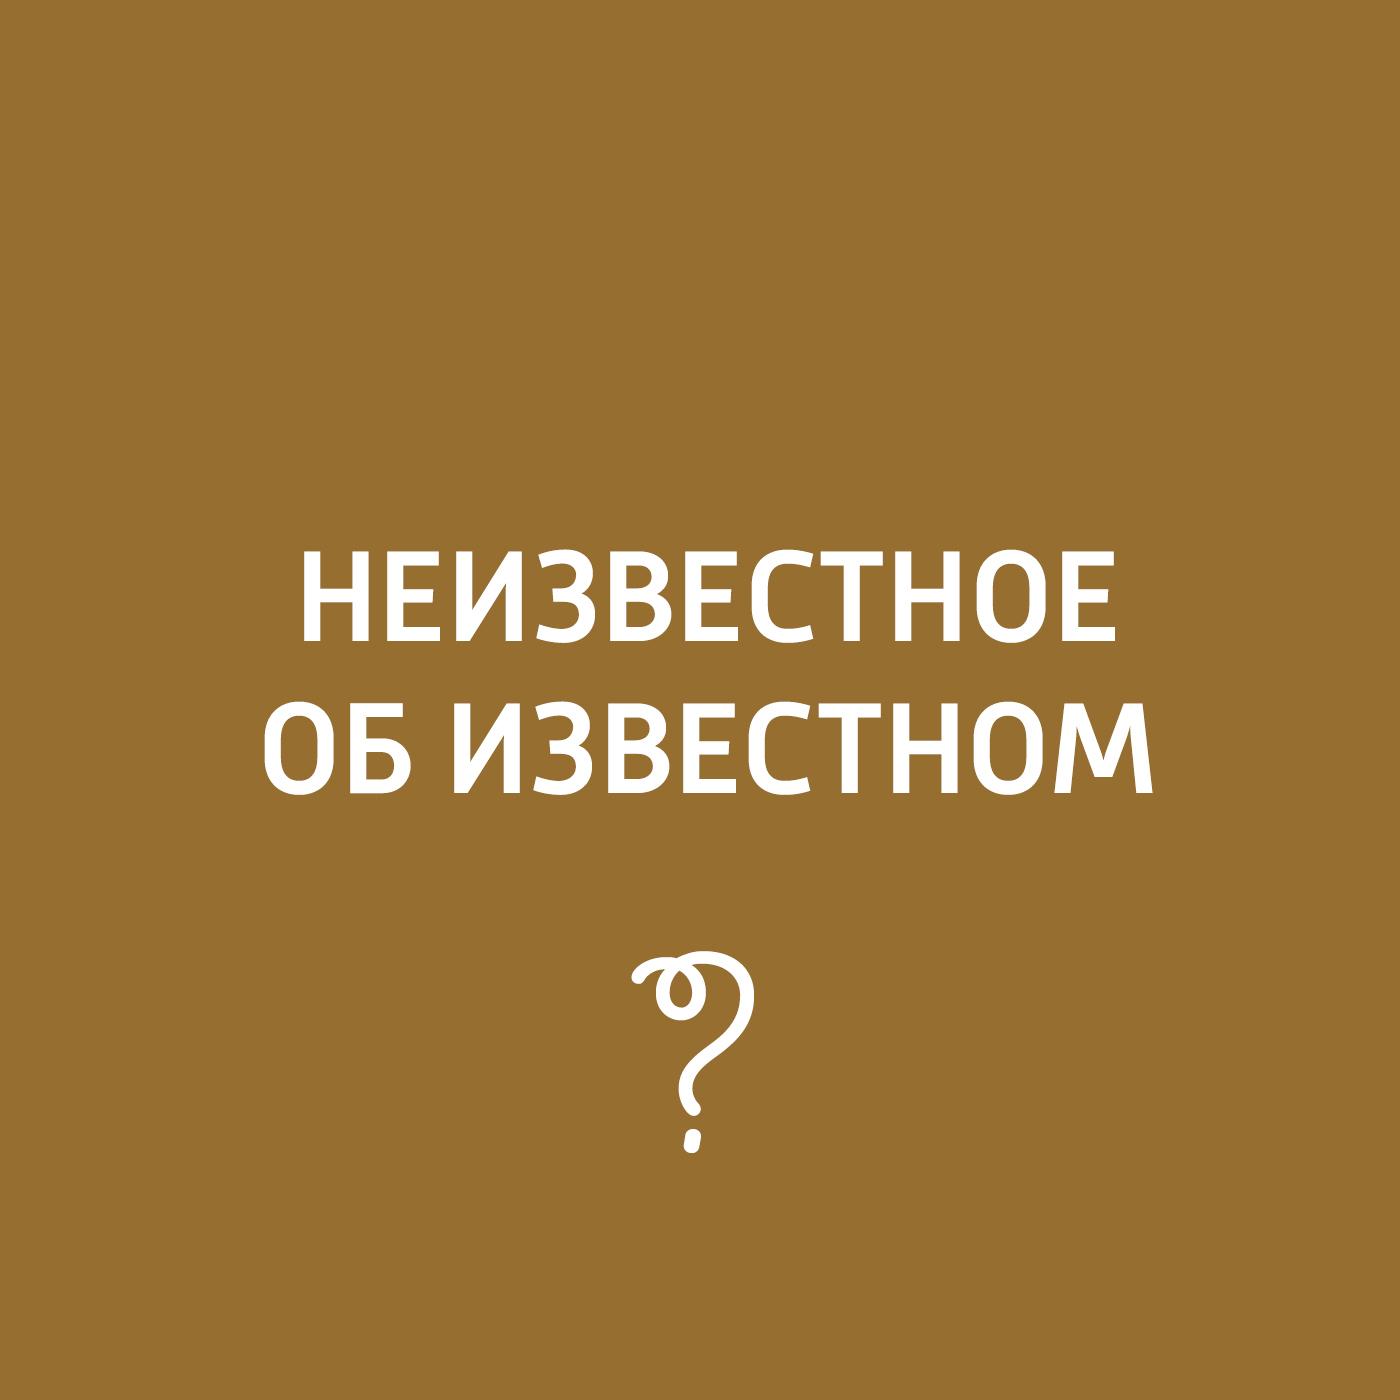 Творческий коллектив программы «Пора домой» Казанский собор сувенир оск сувенирные спички с магнитом 50 37мм казанский собор